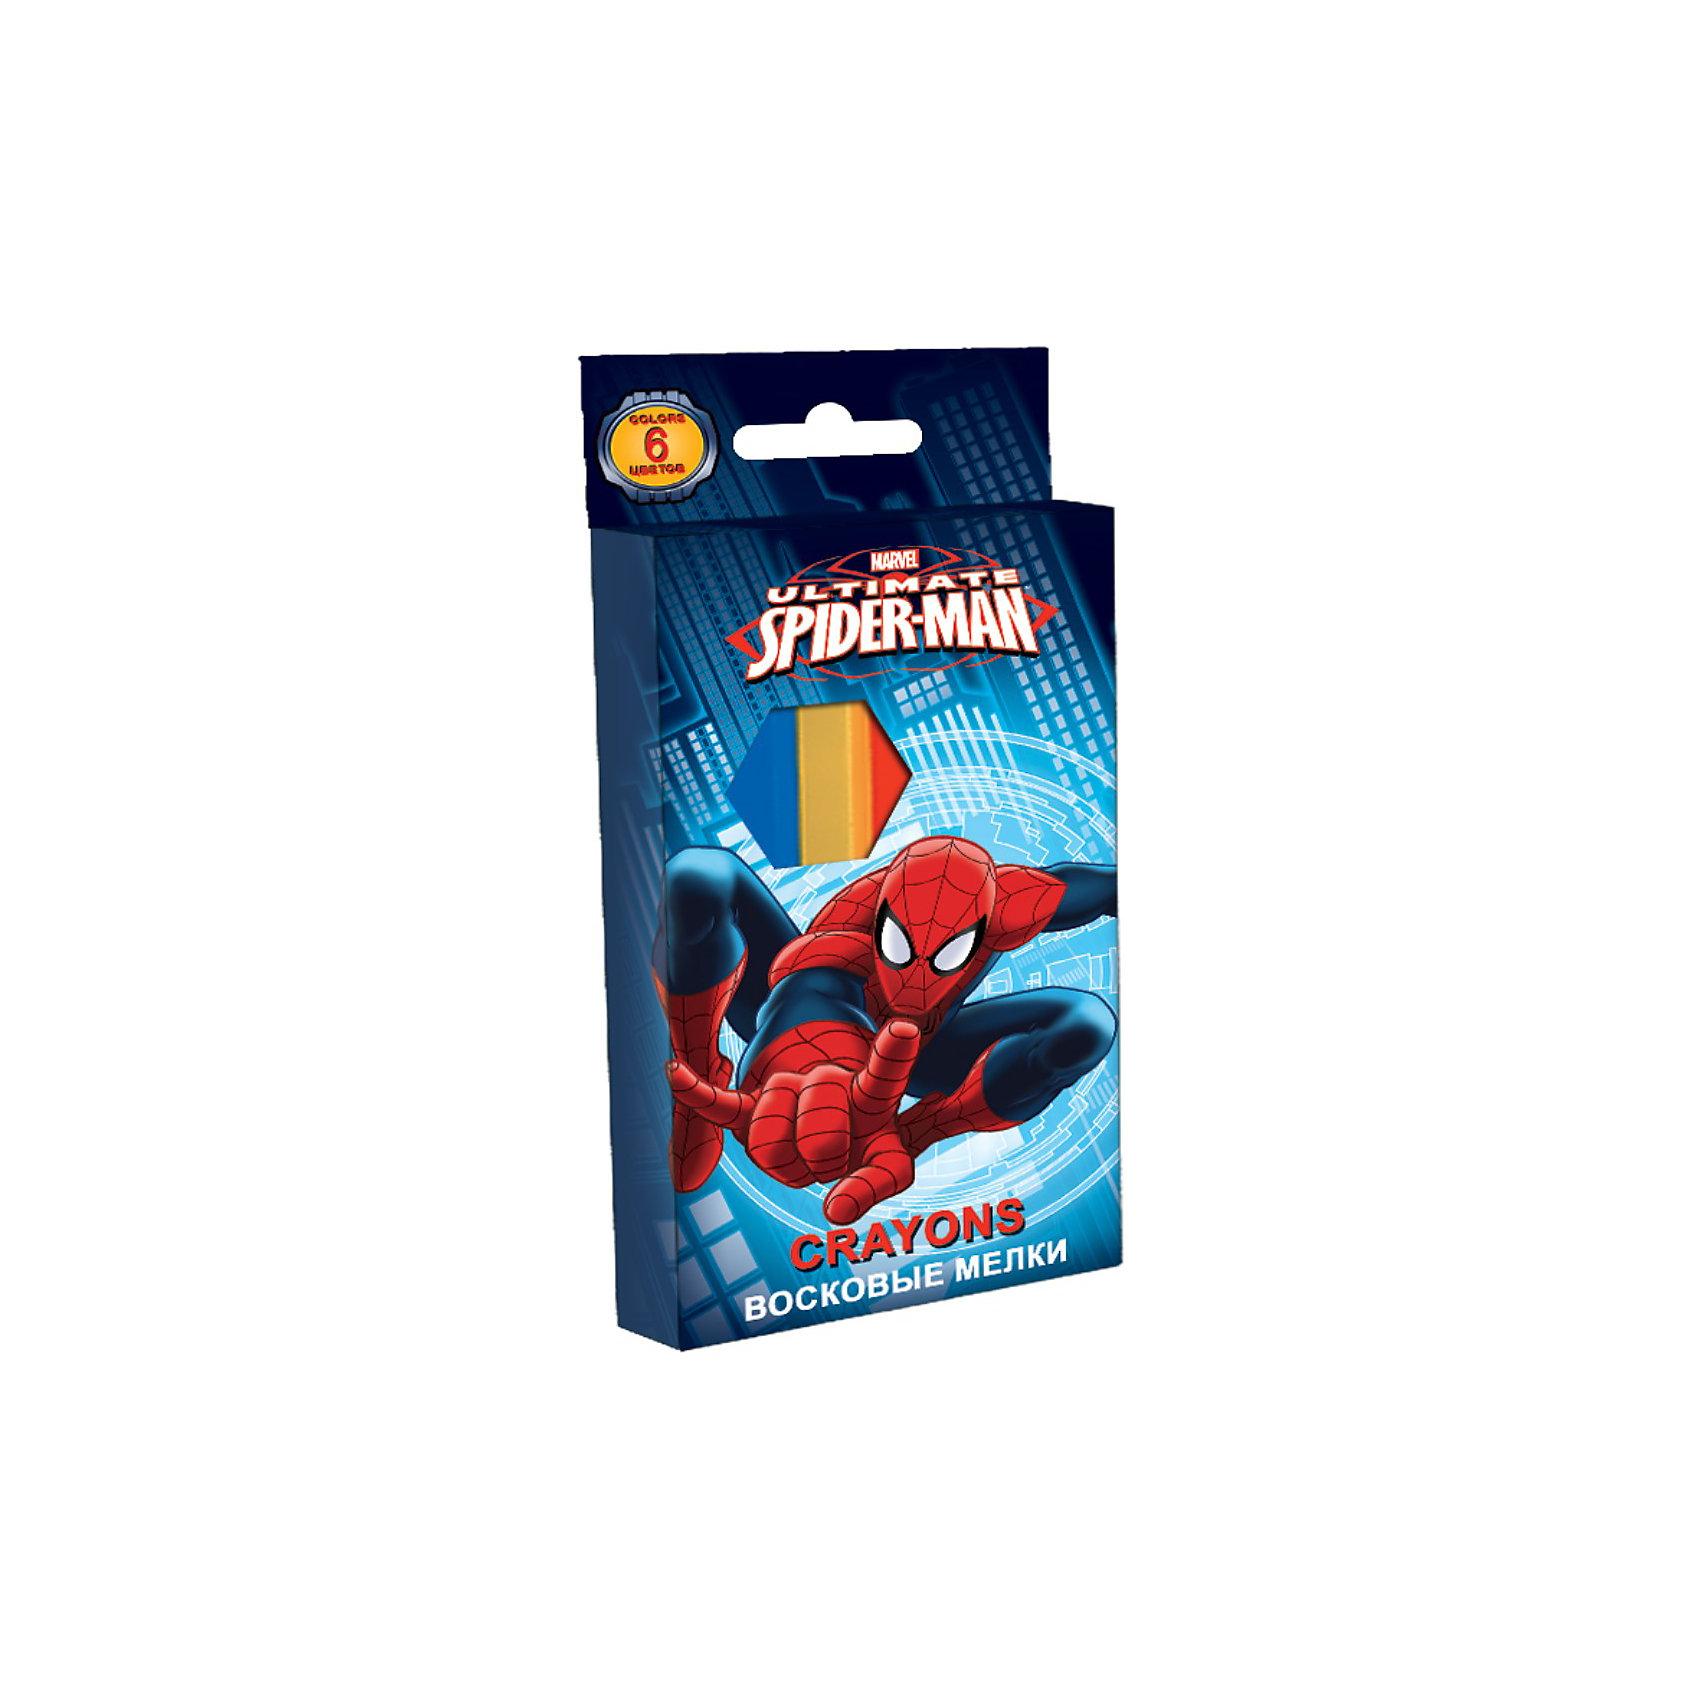 Восковые мелки, 6 цветов, Человек-ПаукВосковые мелки с изображением Человека-паука (Spider Man) станут лучшими помощниками Вашего ребенка в творчестве! Станет прекрасным подарком Вашему ребенку! <br><br>Дополнительная информация:<br><br>- 12 цветов<br>- длина - 90 мм.<br>- диаметр 10 мм<br>- предназначены для рисования, разметки и письма по бумаге, картону, дереву<br>- размеры упаковки: 8 х 13 см<br><br>Восковые мелки с изображением Spider Man можно купить в нашем магазине.<br><br>Ширина мм: 100<br>Глубина мм: 100<br>Высота мм: 10<br>Вес г: 100<br>Возраст от месяцев: 48<br>Возраст до месяцев: 84<br>Пол: Мужской<br>Возраст: Детский<br>SKU: 3562989